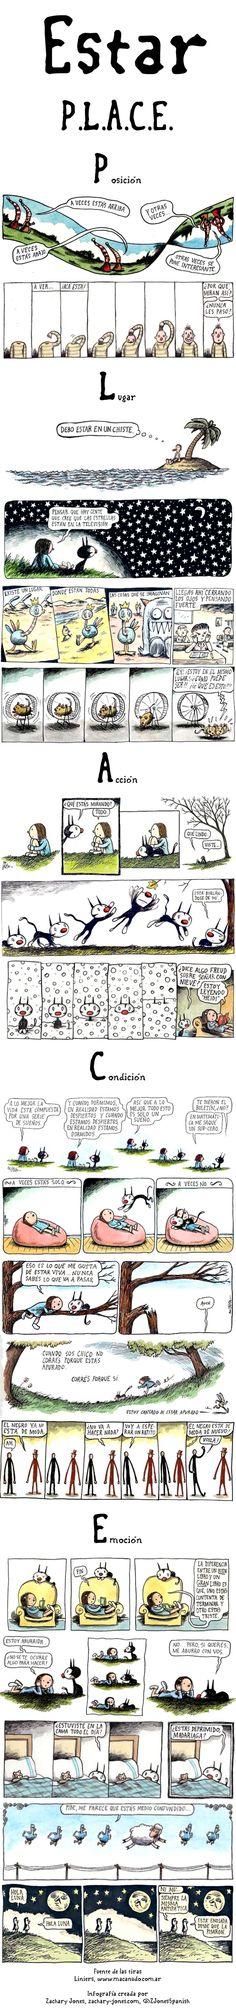 ¡Hicimos esta infografía para ilustrar el uso de los verbos ser y estar con las tiras del artista argentino Liniers!